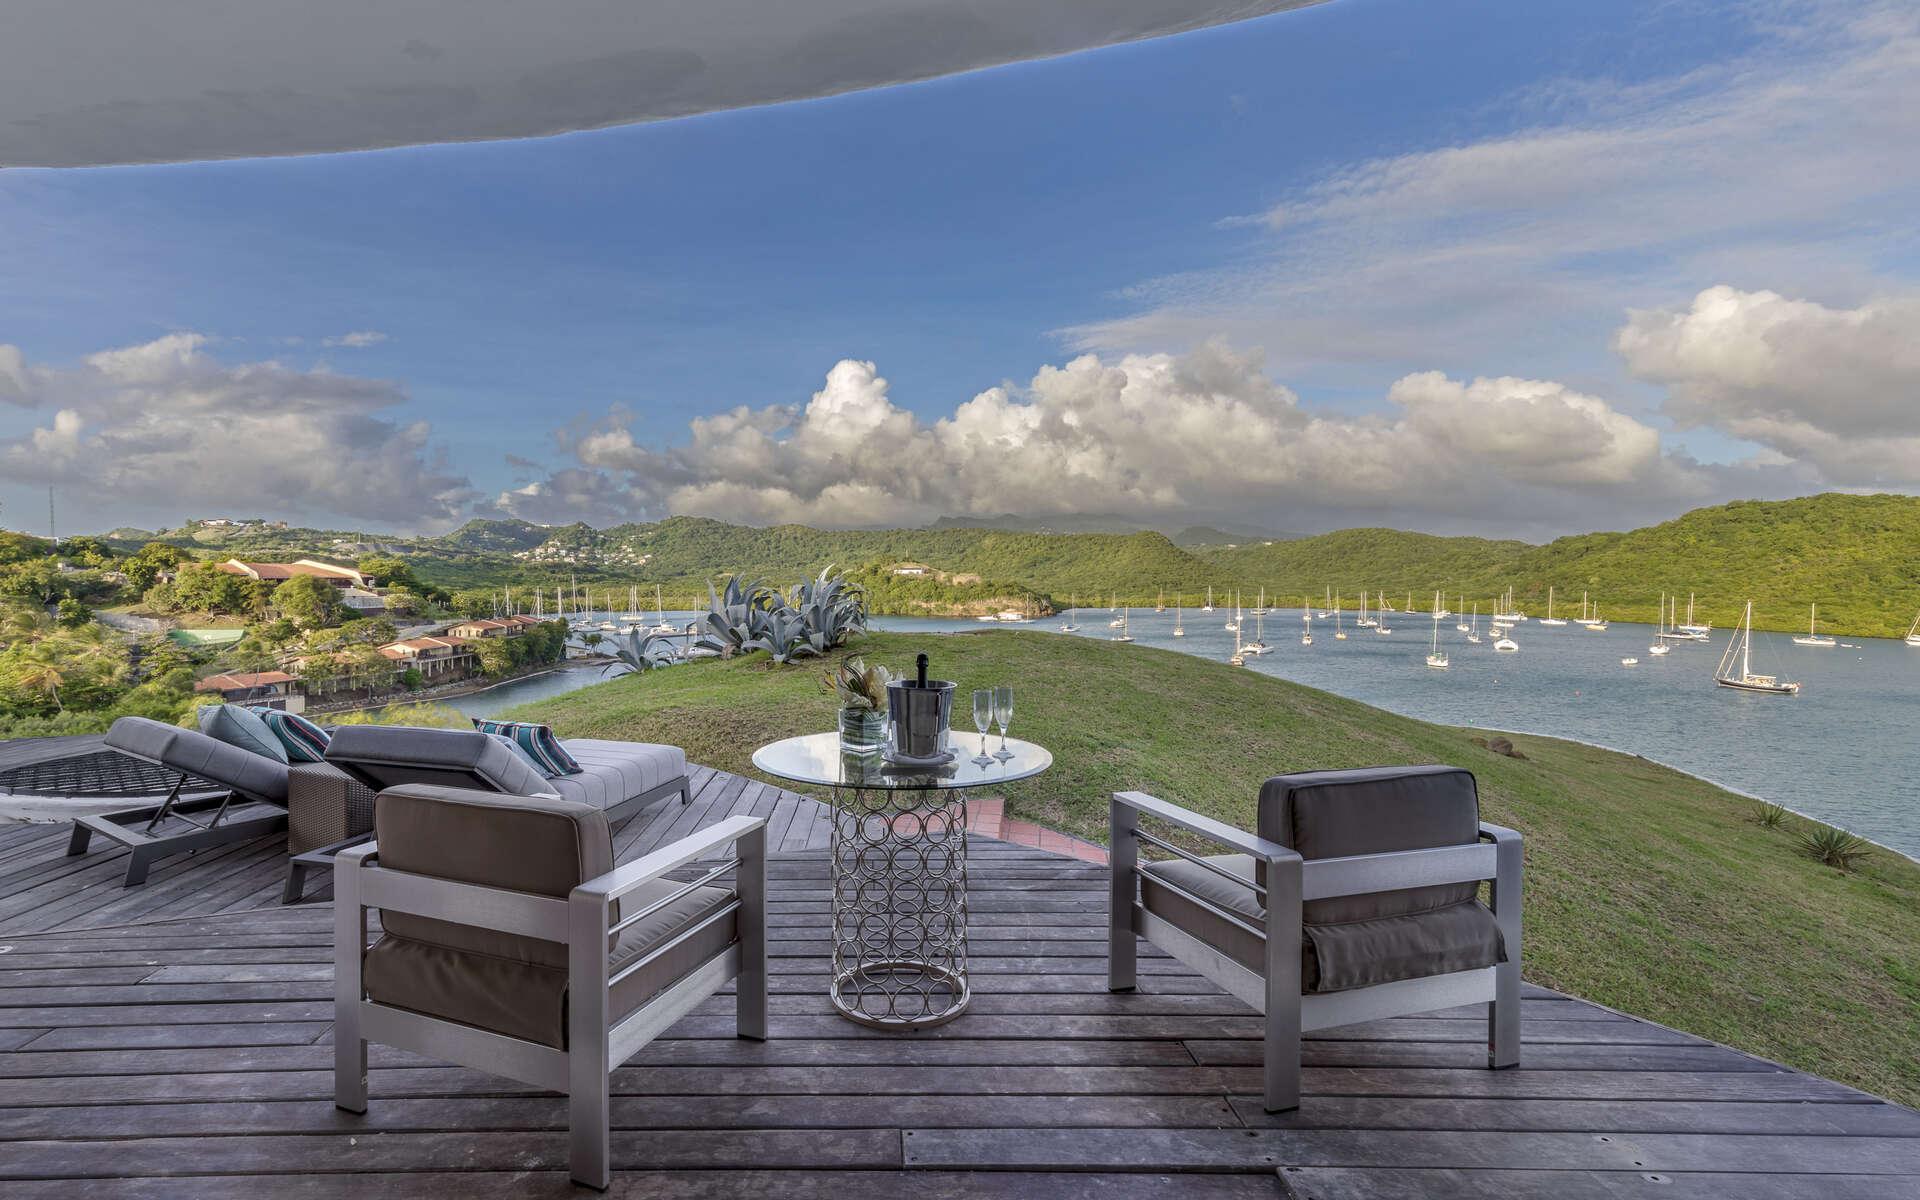 - Bay View Villa - Image 1/19